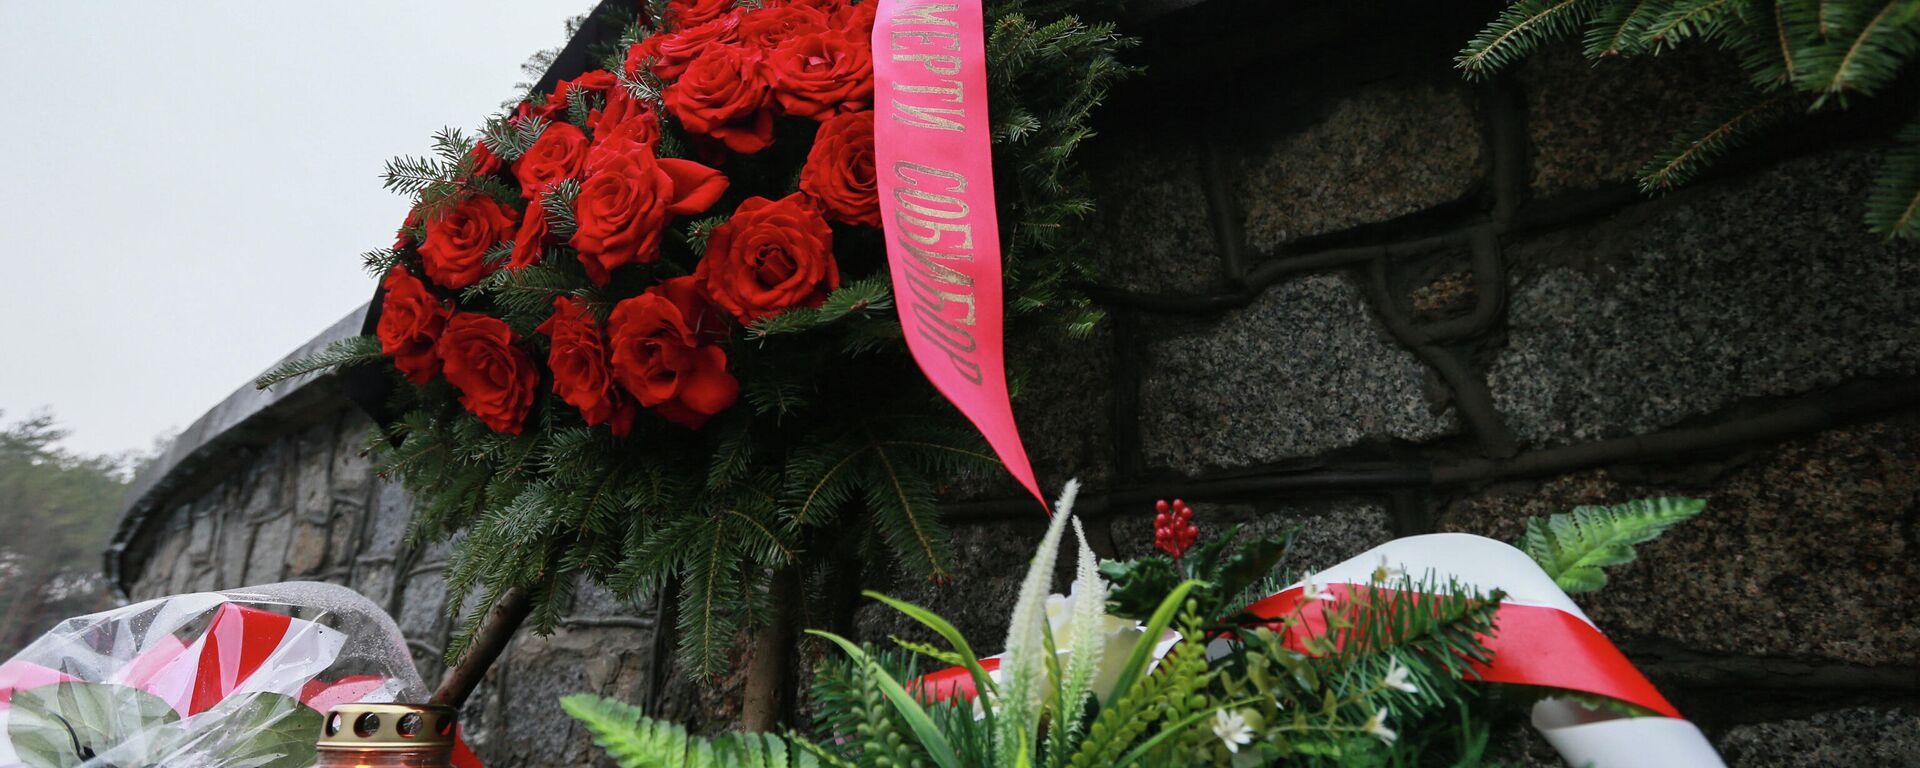 Gedenkstätte für Nazi-Opfer  - SNA, 1920, 07.05.2021